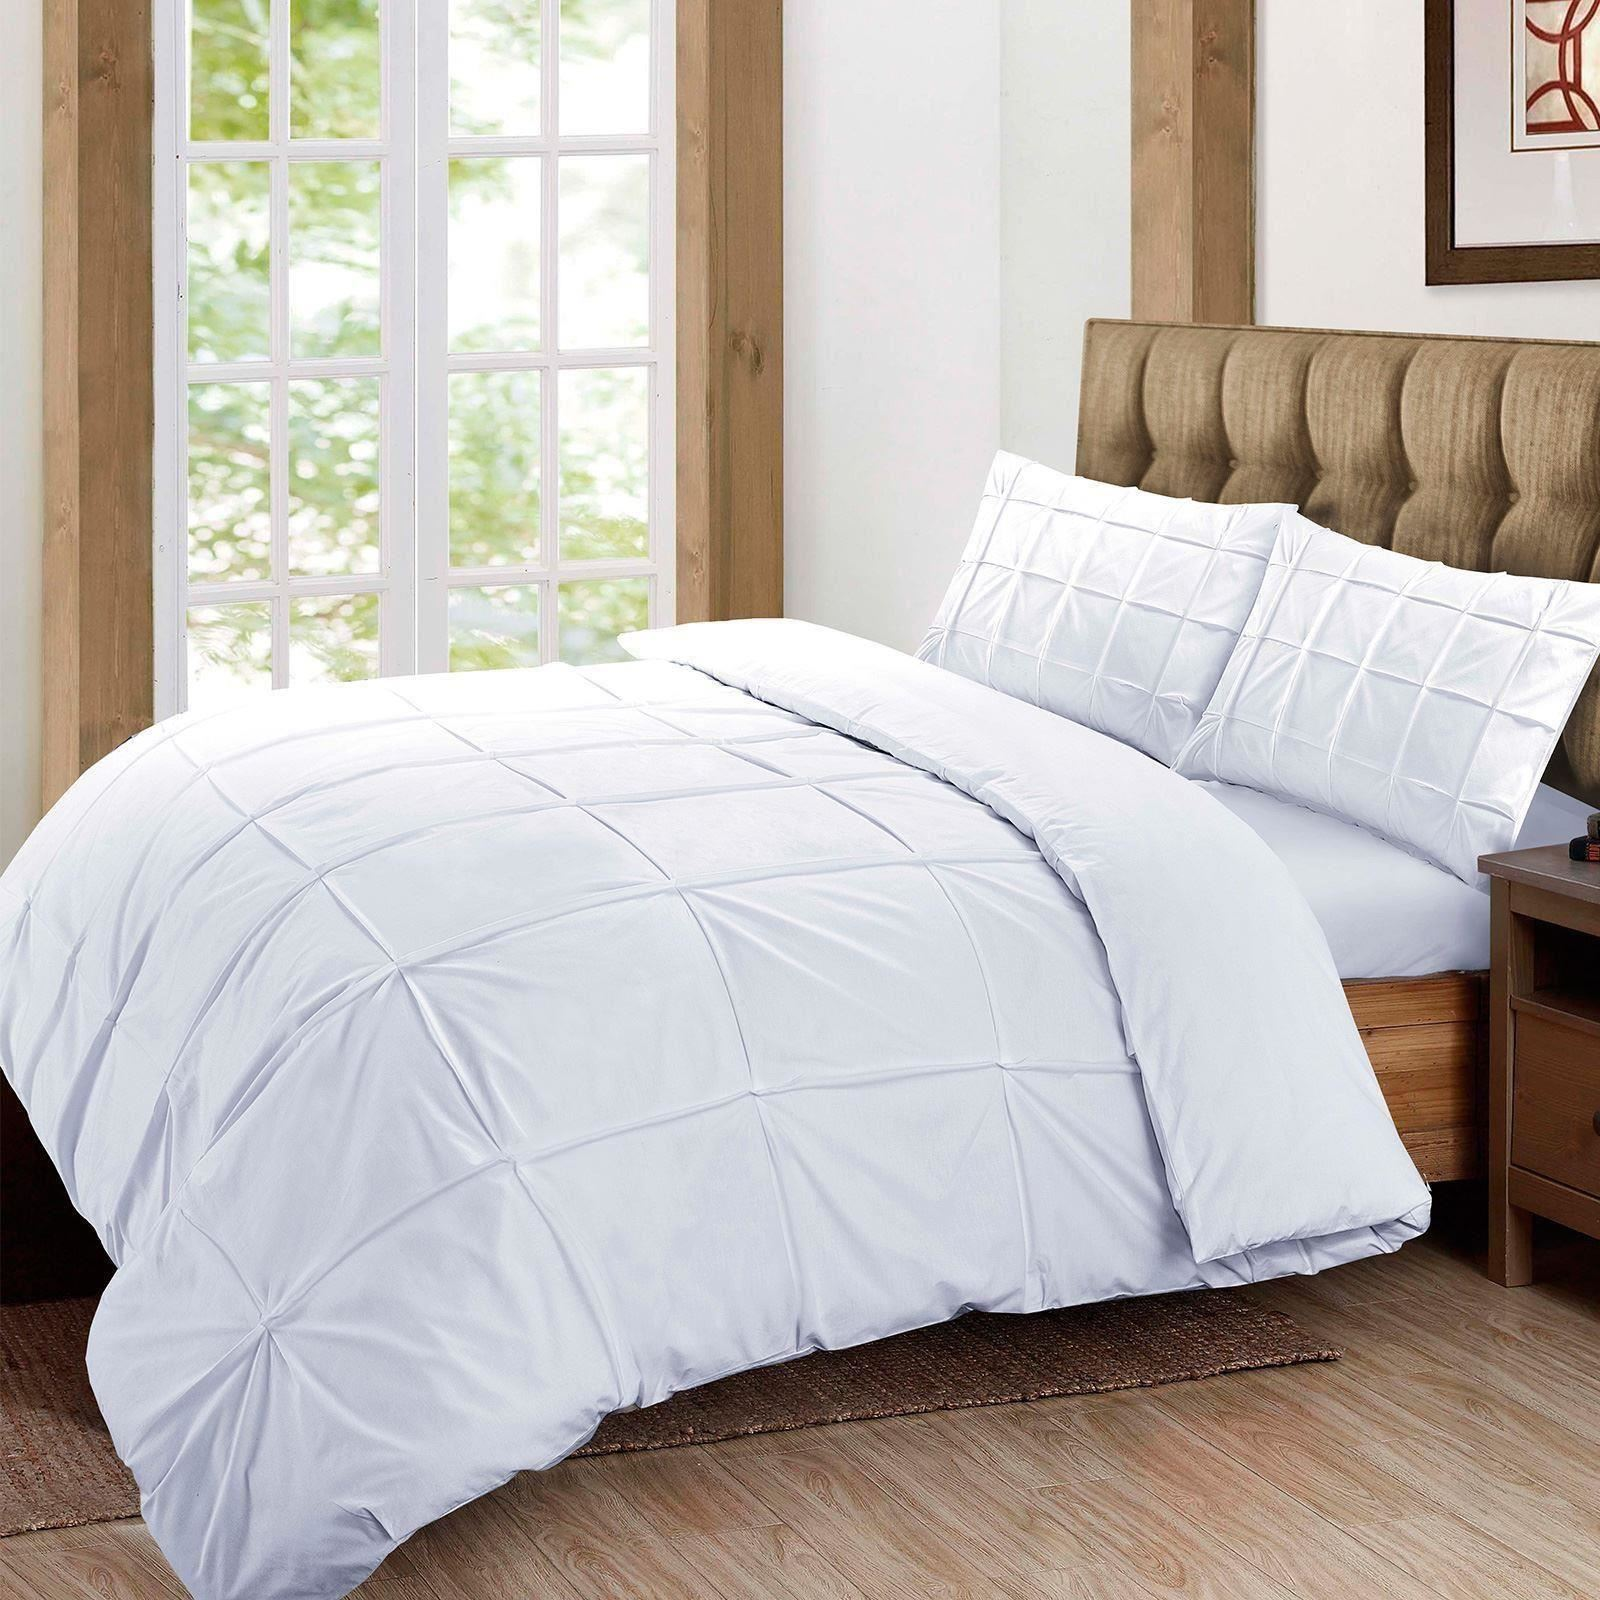 100-Coton-Egyptien-de-couette-couette-Set-Simple-Double-King-Size-Bed-sheets miniature 15